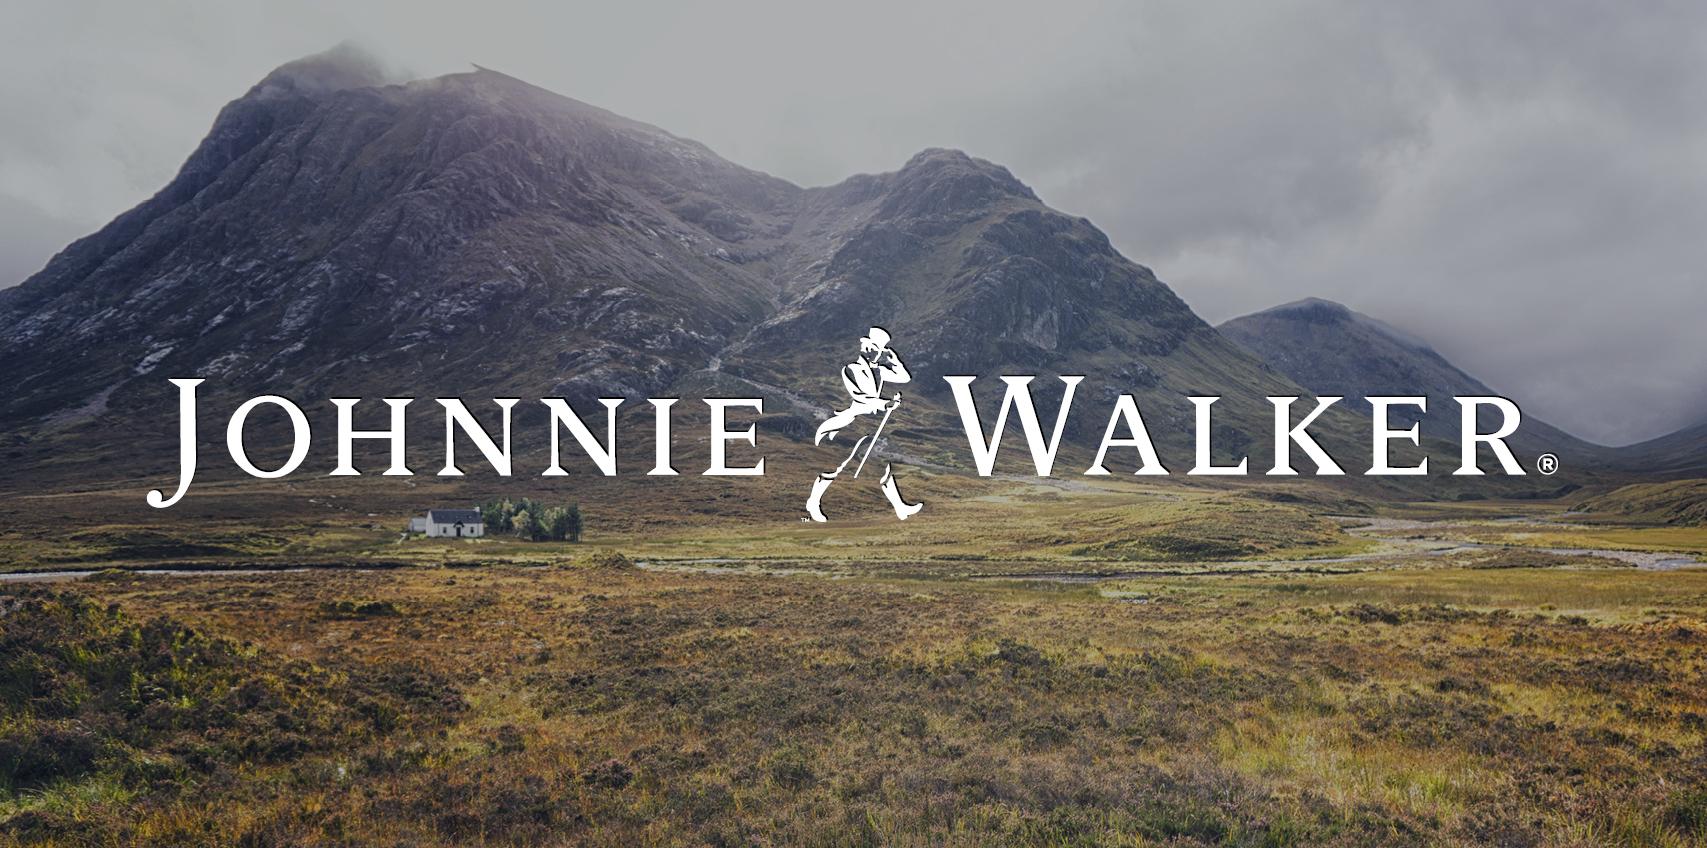 brand-page-banner-johnnie-walker.jpg